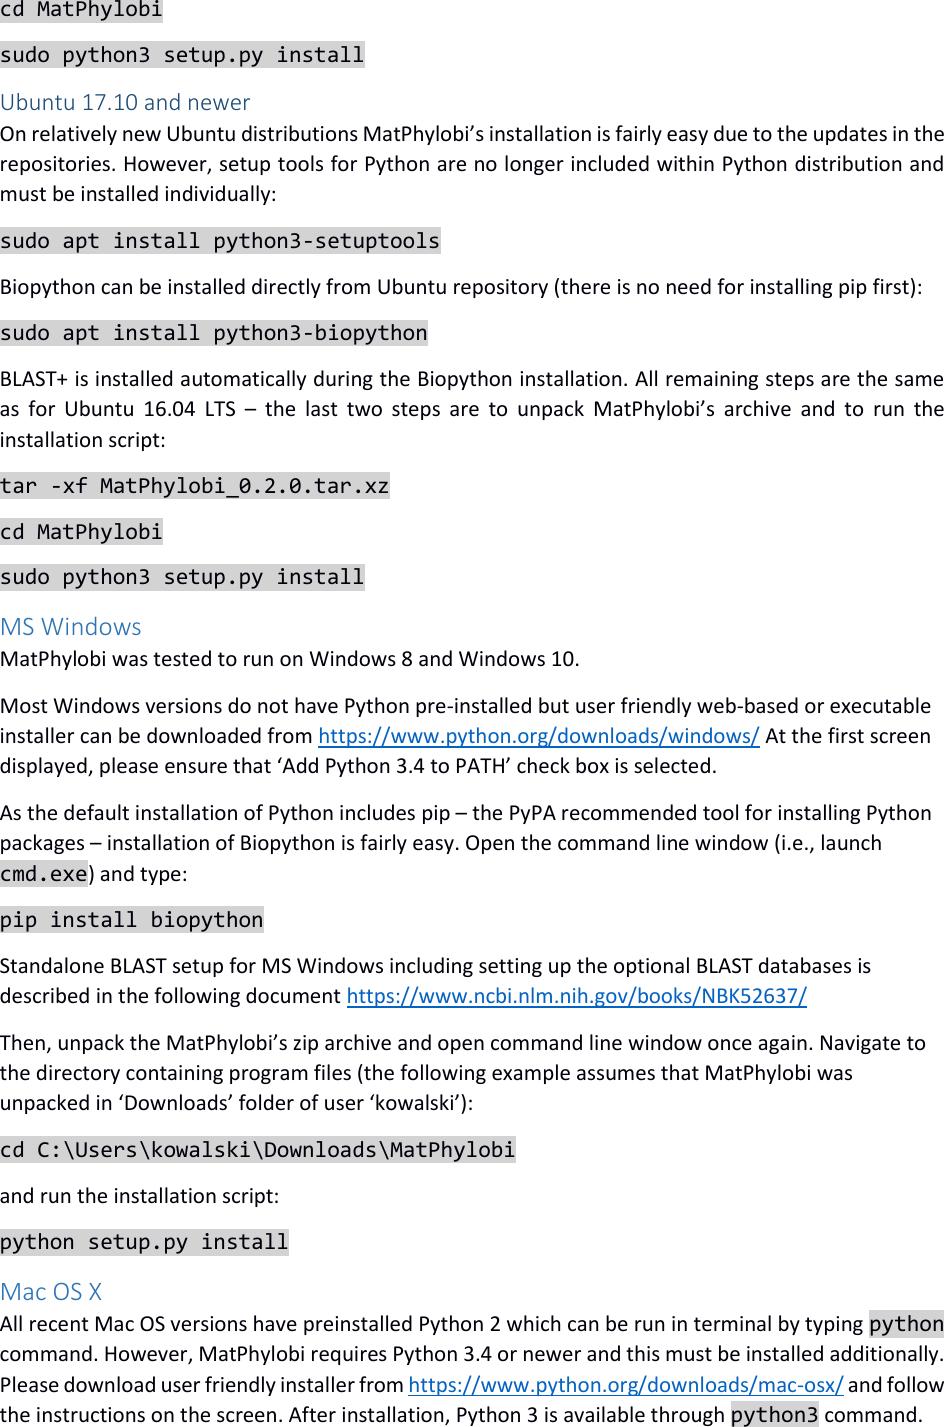 Mat Phylobi 0 2 0 Manual